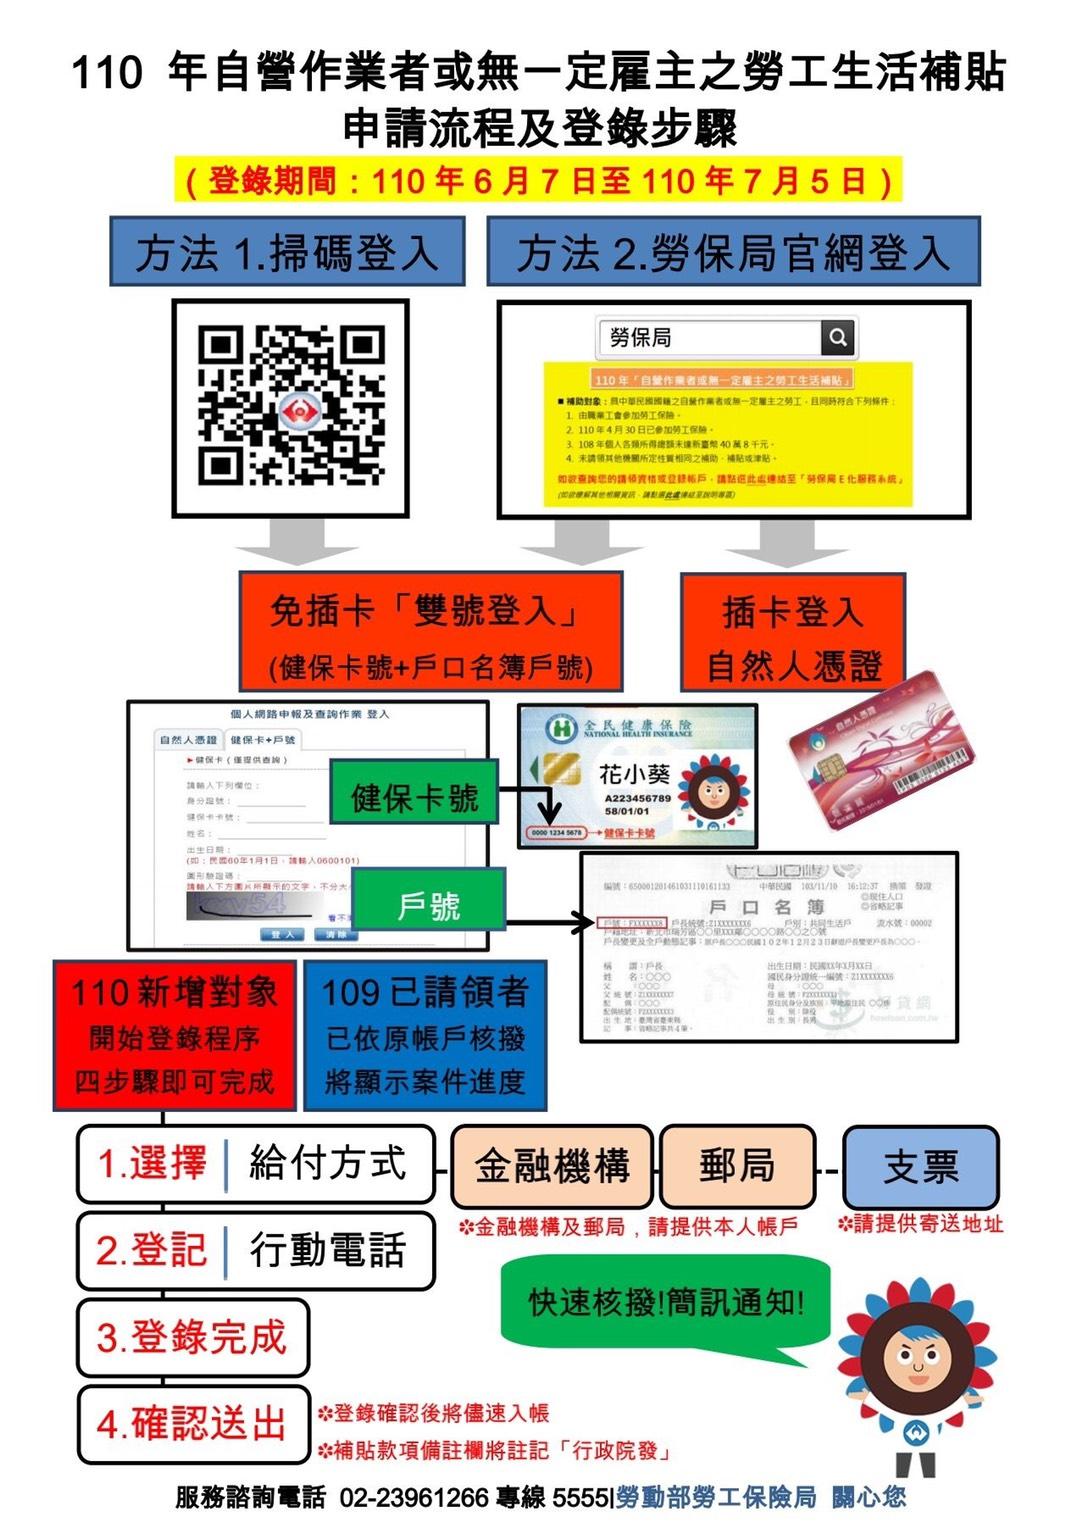 downloadfiles/2021紓困_自營作業者1.jpg